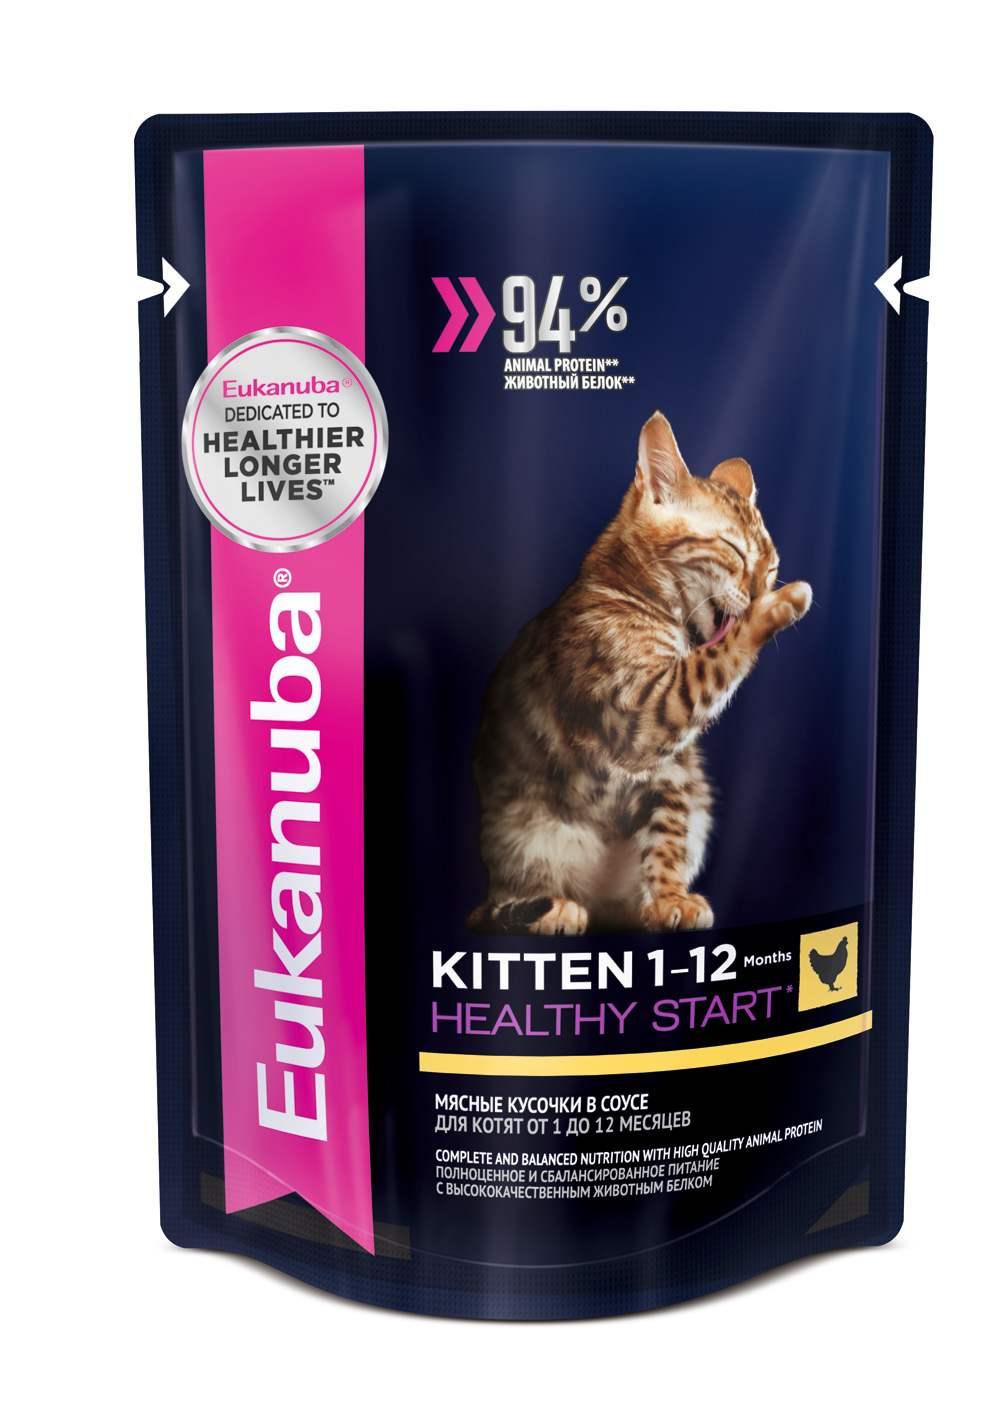 Корм консервированный Eukanuba EUK Cat. Паучи, для котят, с курицей, в соусе, 85 г0120710Полноценное и сбалансированное питание для котят в возрасте от 1 до 12 месяцев с высококачественным животным белком для здорового роста и развития.1. ЗДОРОВЫЙ РОСТИсточник белка животного происхождения для здорового роста и развития.2. ПОДЕРЖАНИЕ ИММУНИТЕТАСпособствует поддержанию иммунной системы за счет антиоксидантов.3. КОНТРОЛИРУЕМЫЙ pH МОЧИПомогает контролировать pH мочи в пределах рекомендуемой нормы.4. КОЖА И ШЕРСТЬПоддерживает здоровье кожи и шерсти при помощи оптимального соотношения ?-6 и ?-3 жирных кислот, эффективность которых доказана клинически.5. КРЕПКИЕ МЫШЦЫБелки животного происхождения способствуют росту и сохранению мышечной массы.6. ОПТИМАЛЬНОЕ ПИЩЕВАРЕНИЕСпособствует поддержанию здоровой кишечной микрофлоры за счет пребиотиков и клетчатки. Белки 7,6 г, Жиры 3,6 г, Зола (минералы) 2,3 г, Клетчатка 0,1 г, Влага 82 г, Омега-6 жирные кислоты, не менее 1 г, Омега-3 жирные кислоты, не менее 0,1 г, Метионин 0,4 г, Таурин, не менее 0,07 г, Витамин А, не менее 170 МЕ, Витамин Е, не менее 1,3 г.Кроме указанных, содержит все витамины и минералы, необходимые для полноценного и сбалансированного питания.ЭНЕРГЕТИЧЕСКАЯ ЦЕННОСТЬ (В 100 Г): 77 КкалМясо и субпродукты (в том числе курица минимум 26%), злаки, витамины и минеральные вещества, аминокислота метионин, рыбий жир.